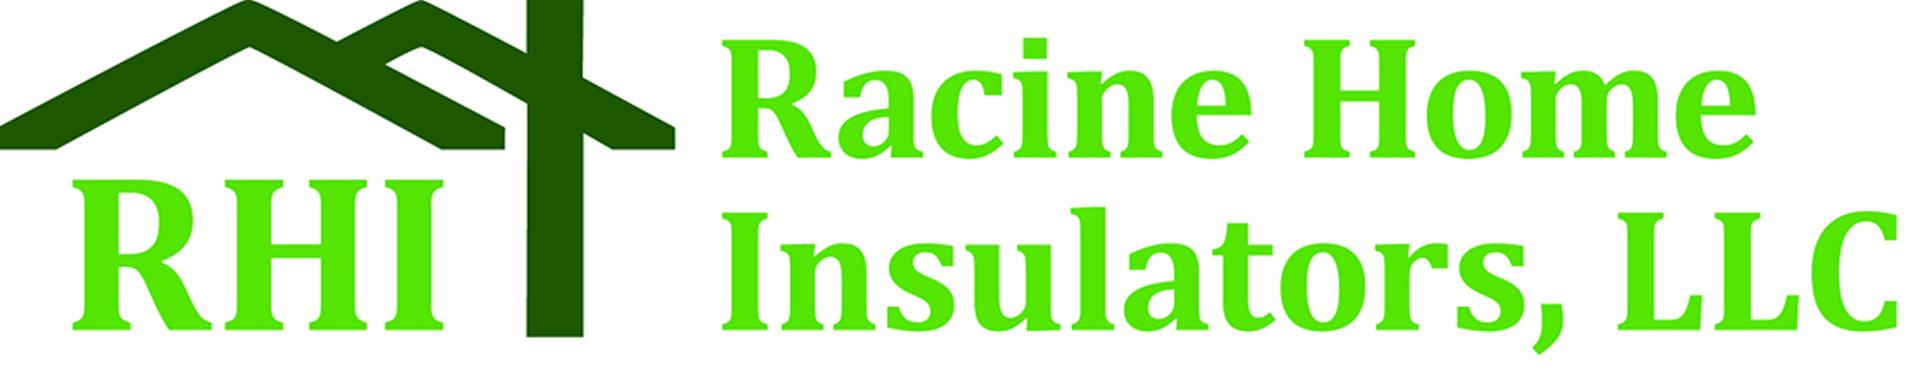 Racine Home Insulators, LLC